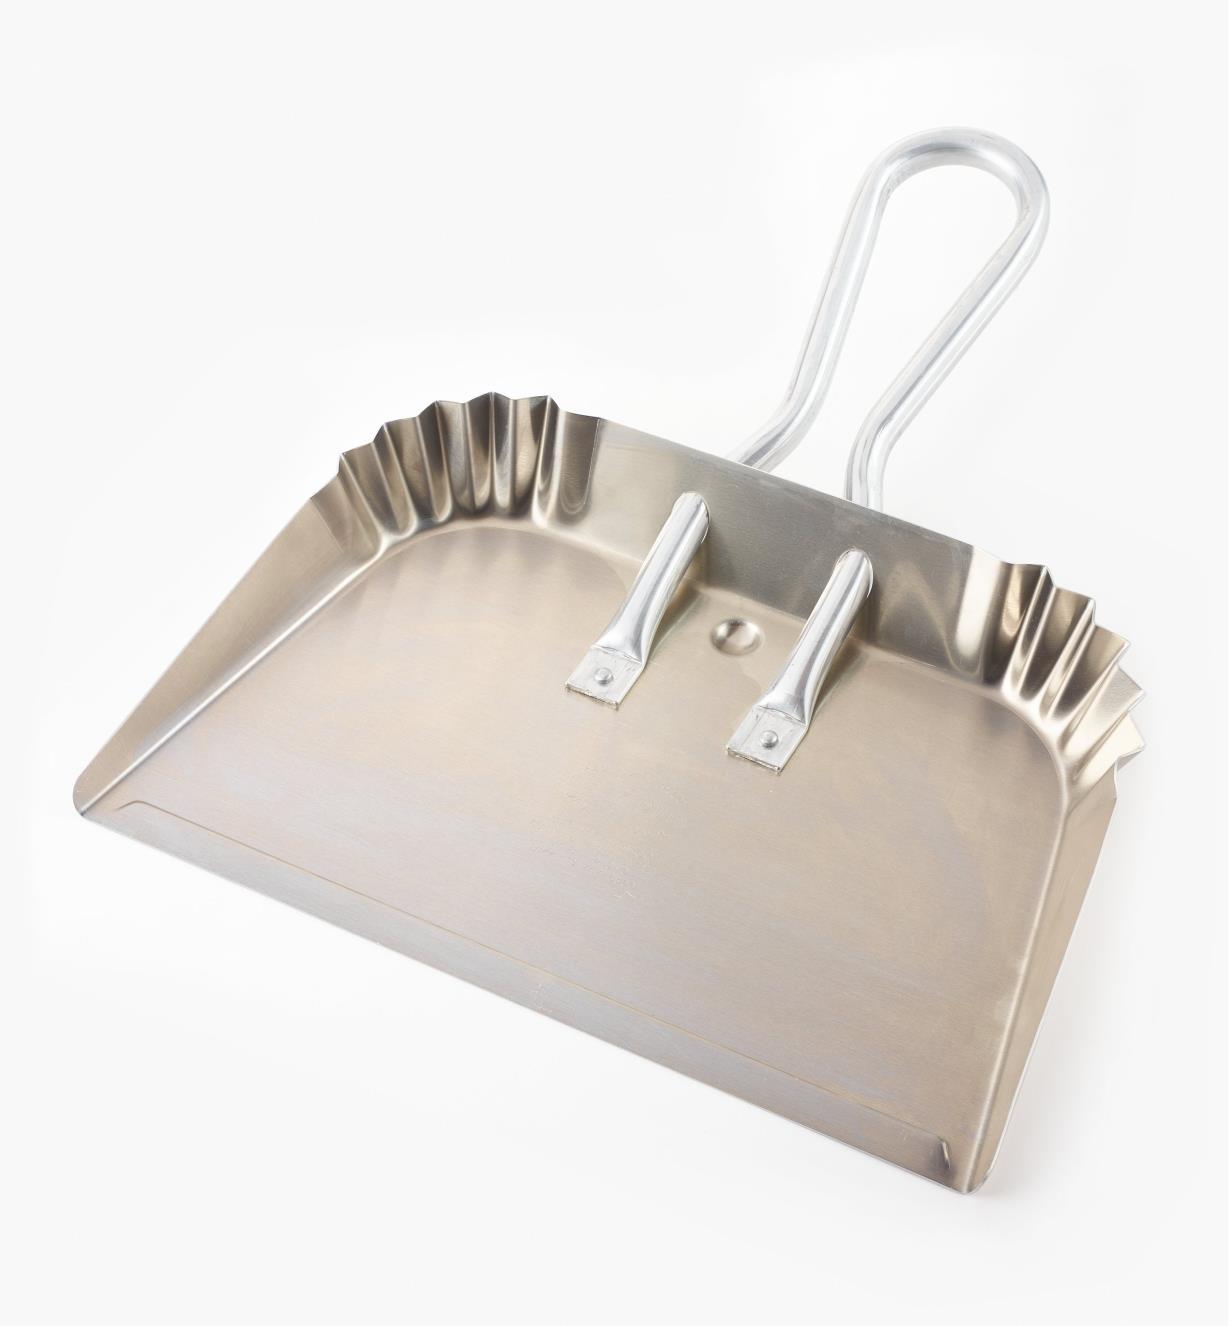 03K1701 - Aluminum Dustpan